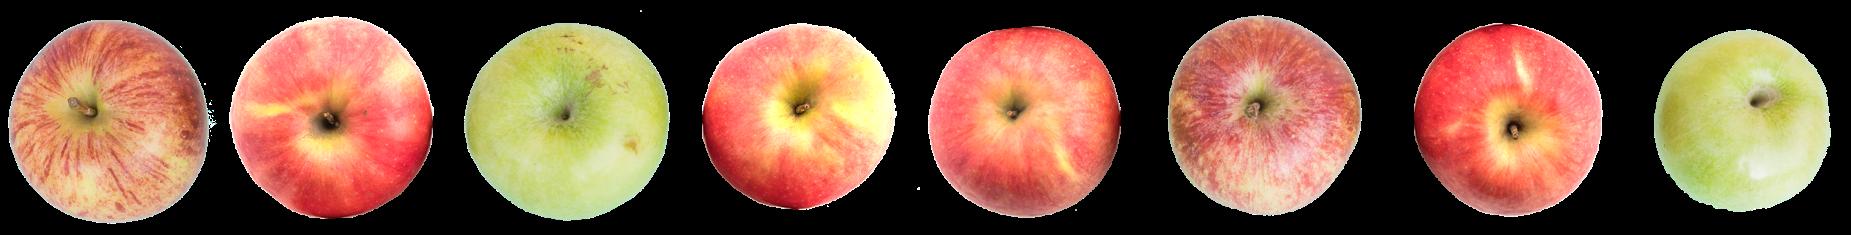 Fruchtsaftgetränke, wie Apfelsaft ensteht